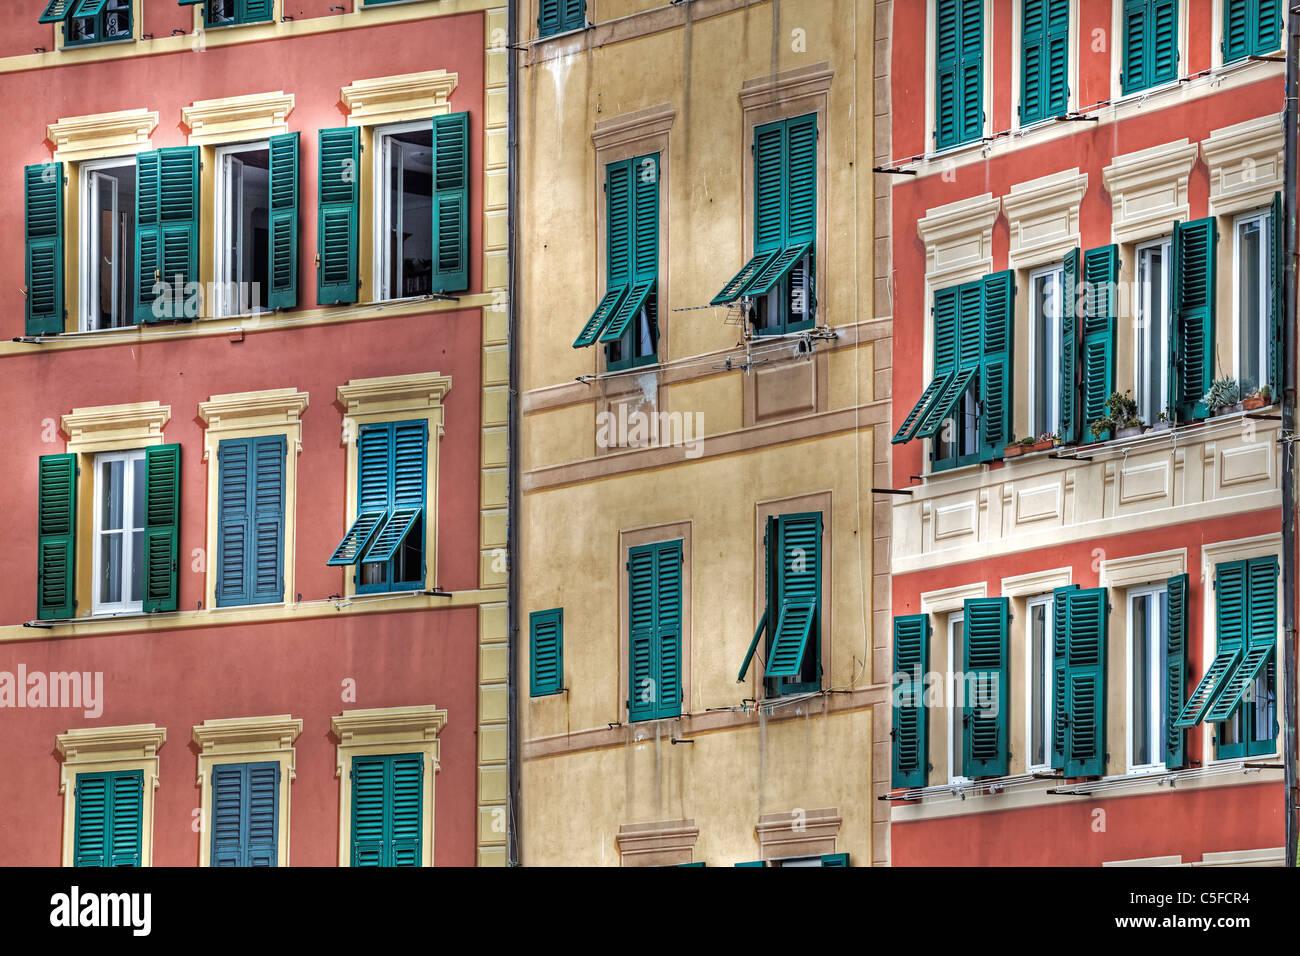 Camogli, antica città portuale in Liguria è famosa per le sue case colorate con grandi finestre Immagini Stock